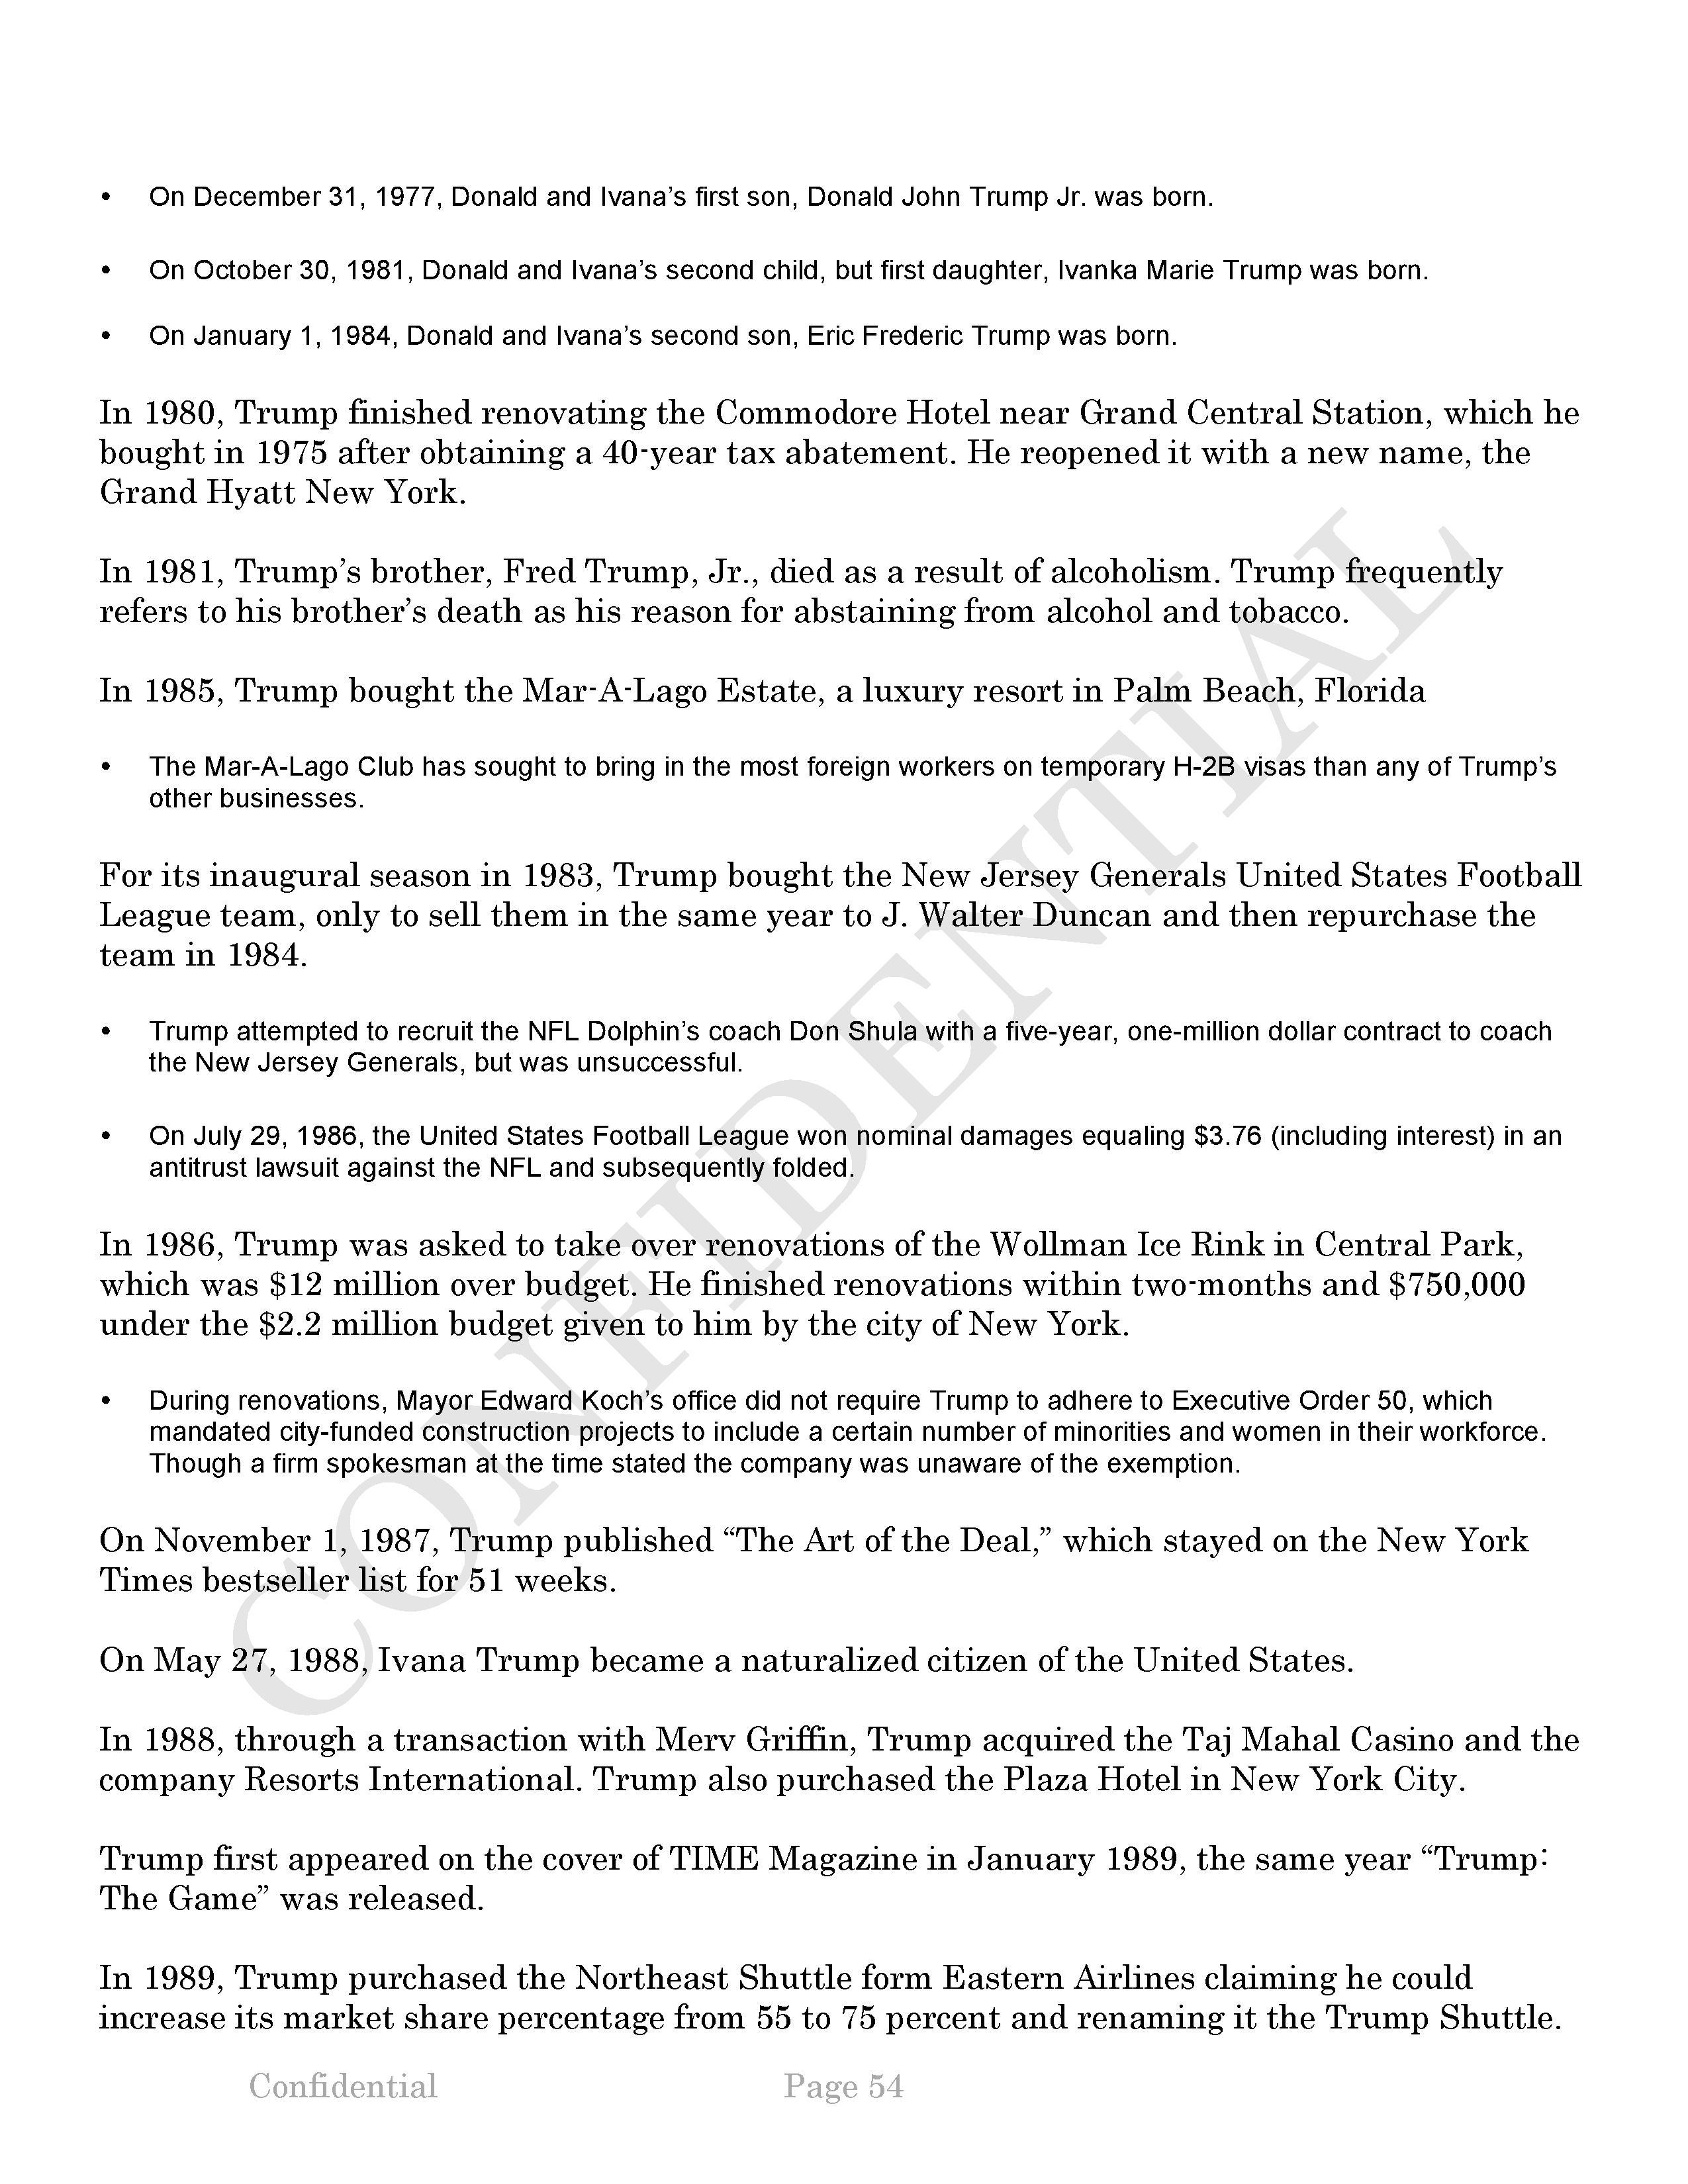 Donald Trump Report-DNC